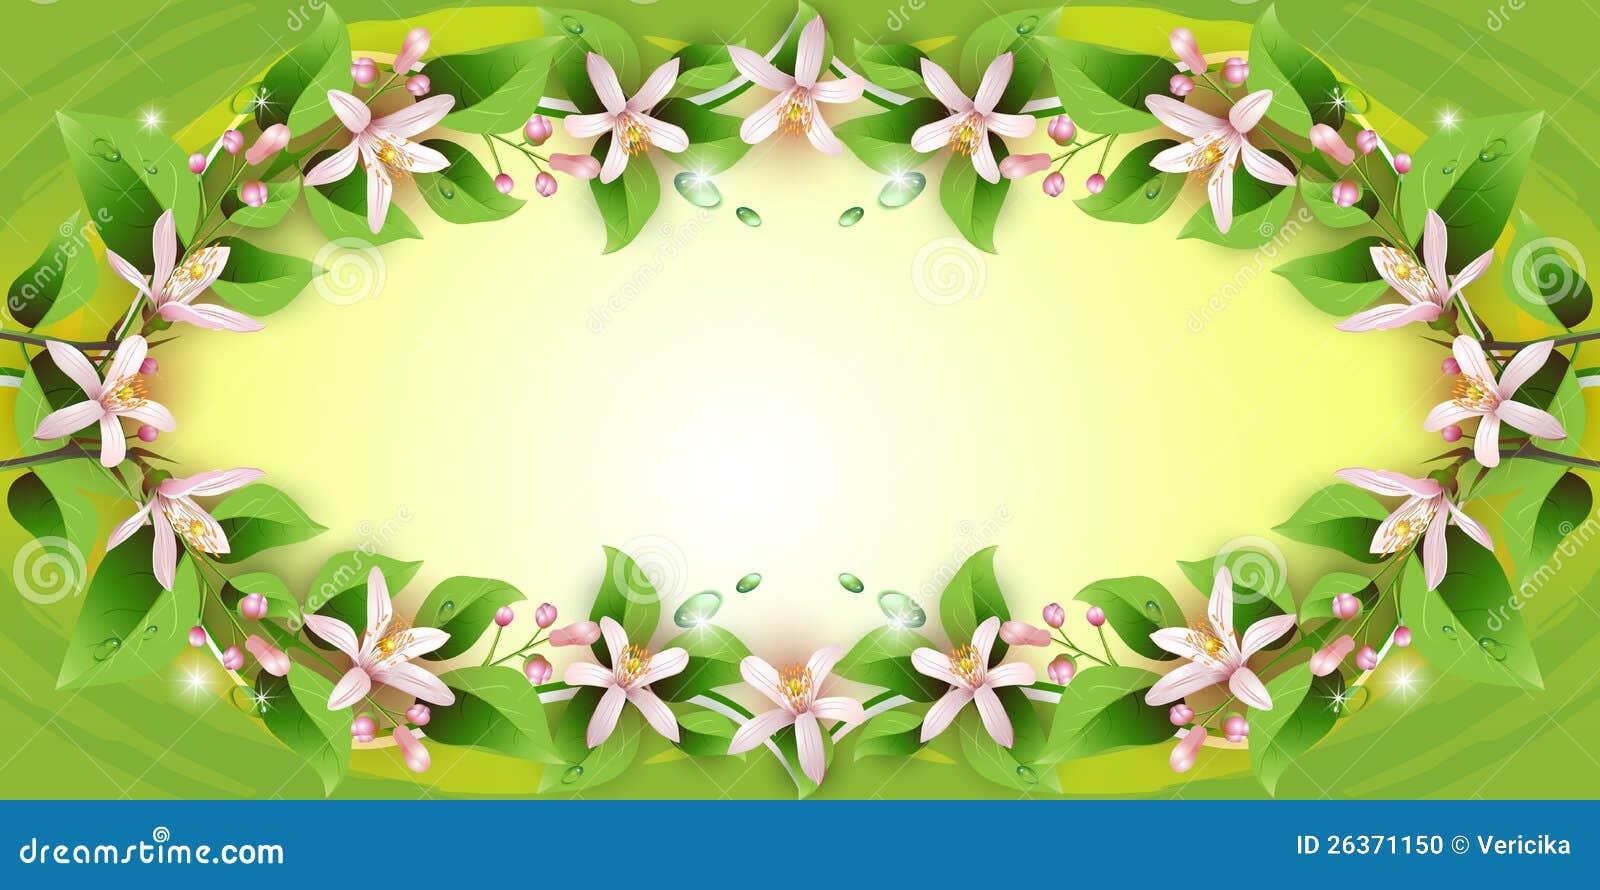 Bakgrund med fina blommor